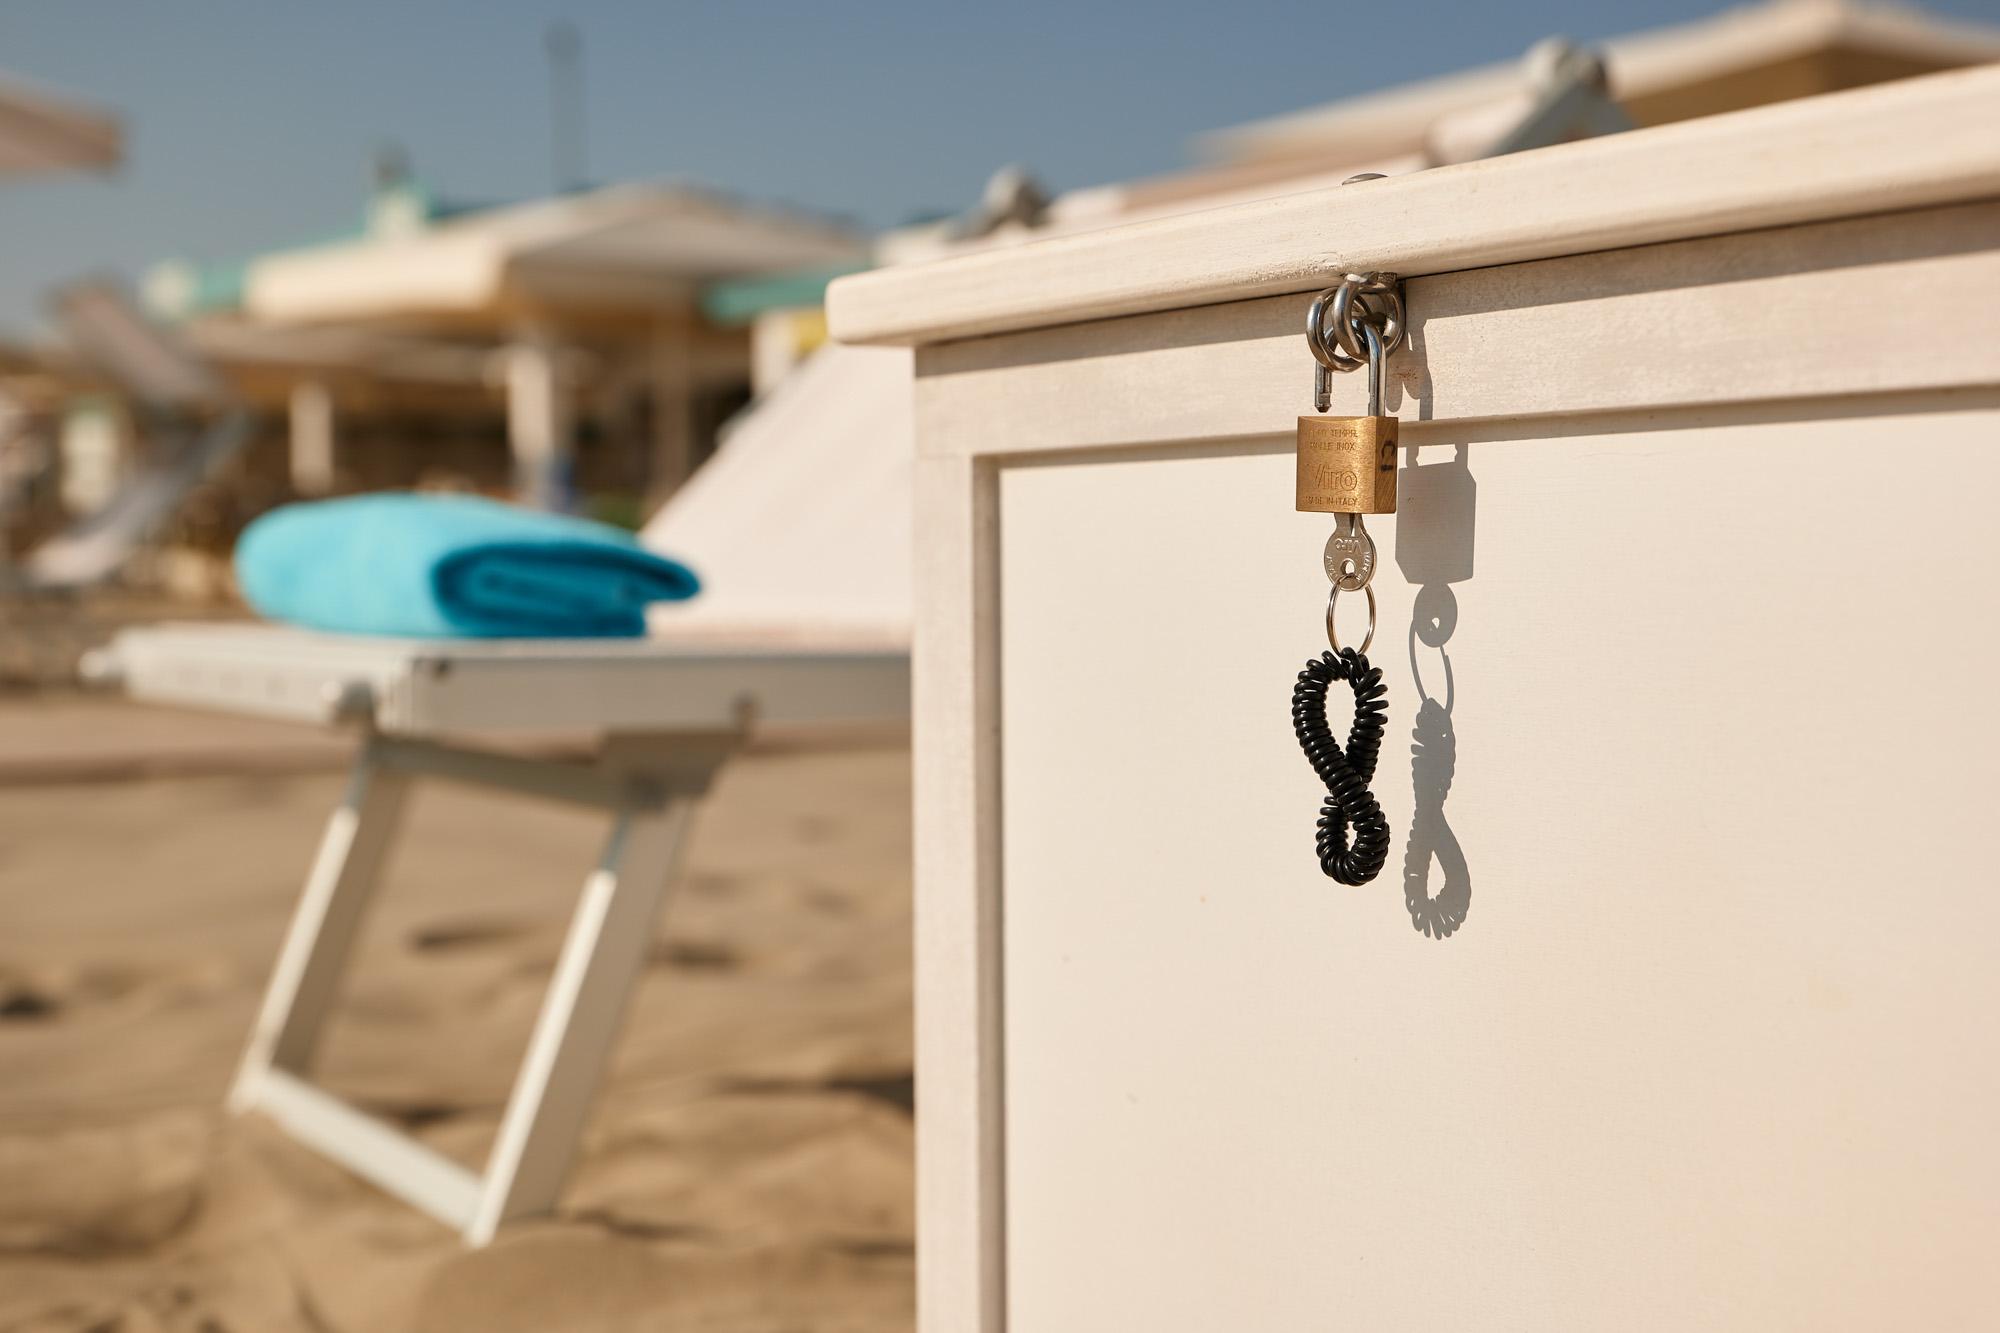 bagno giuliano 247 milano marittima spiaggia distanziata bauletto contenitore aperitivo sulla spiaggia